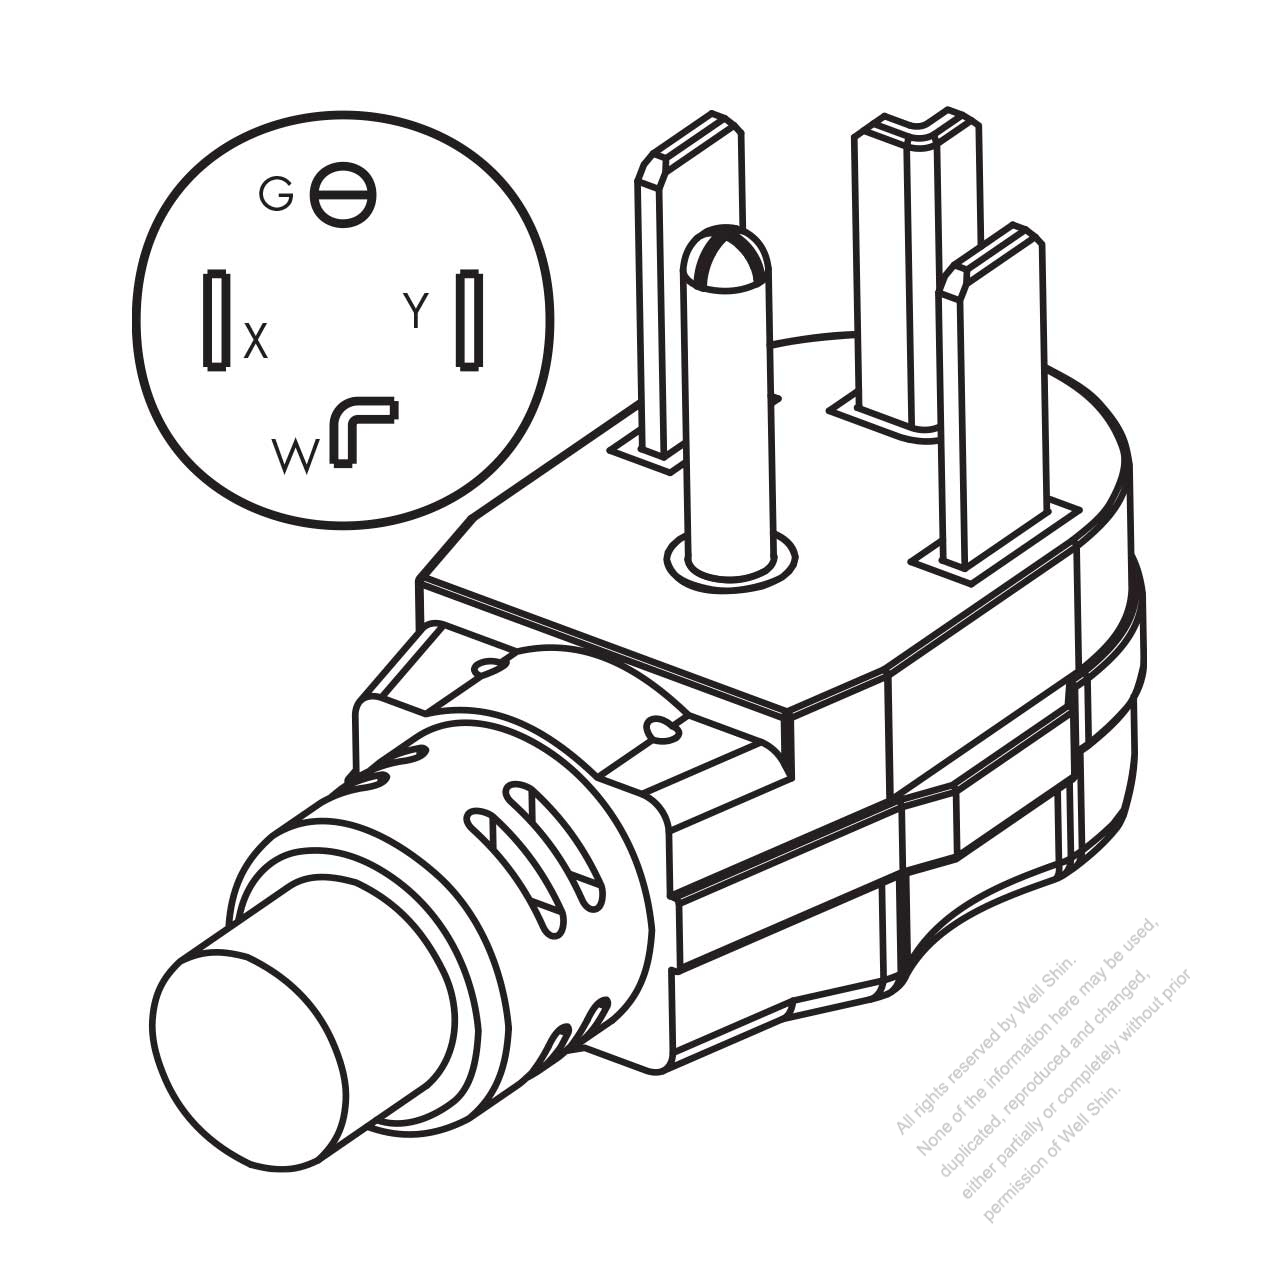 Bda2c356ac2f855b76eHjp 4 wire twist lock plug wiring diagram 5 on 4 wire twist lock plug wiring diagram